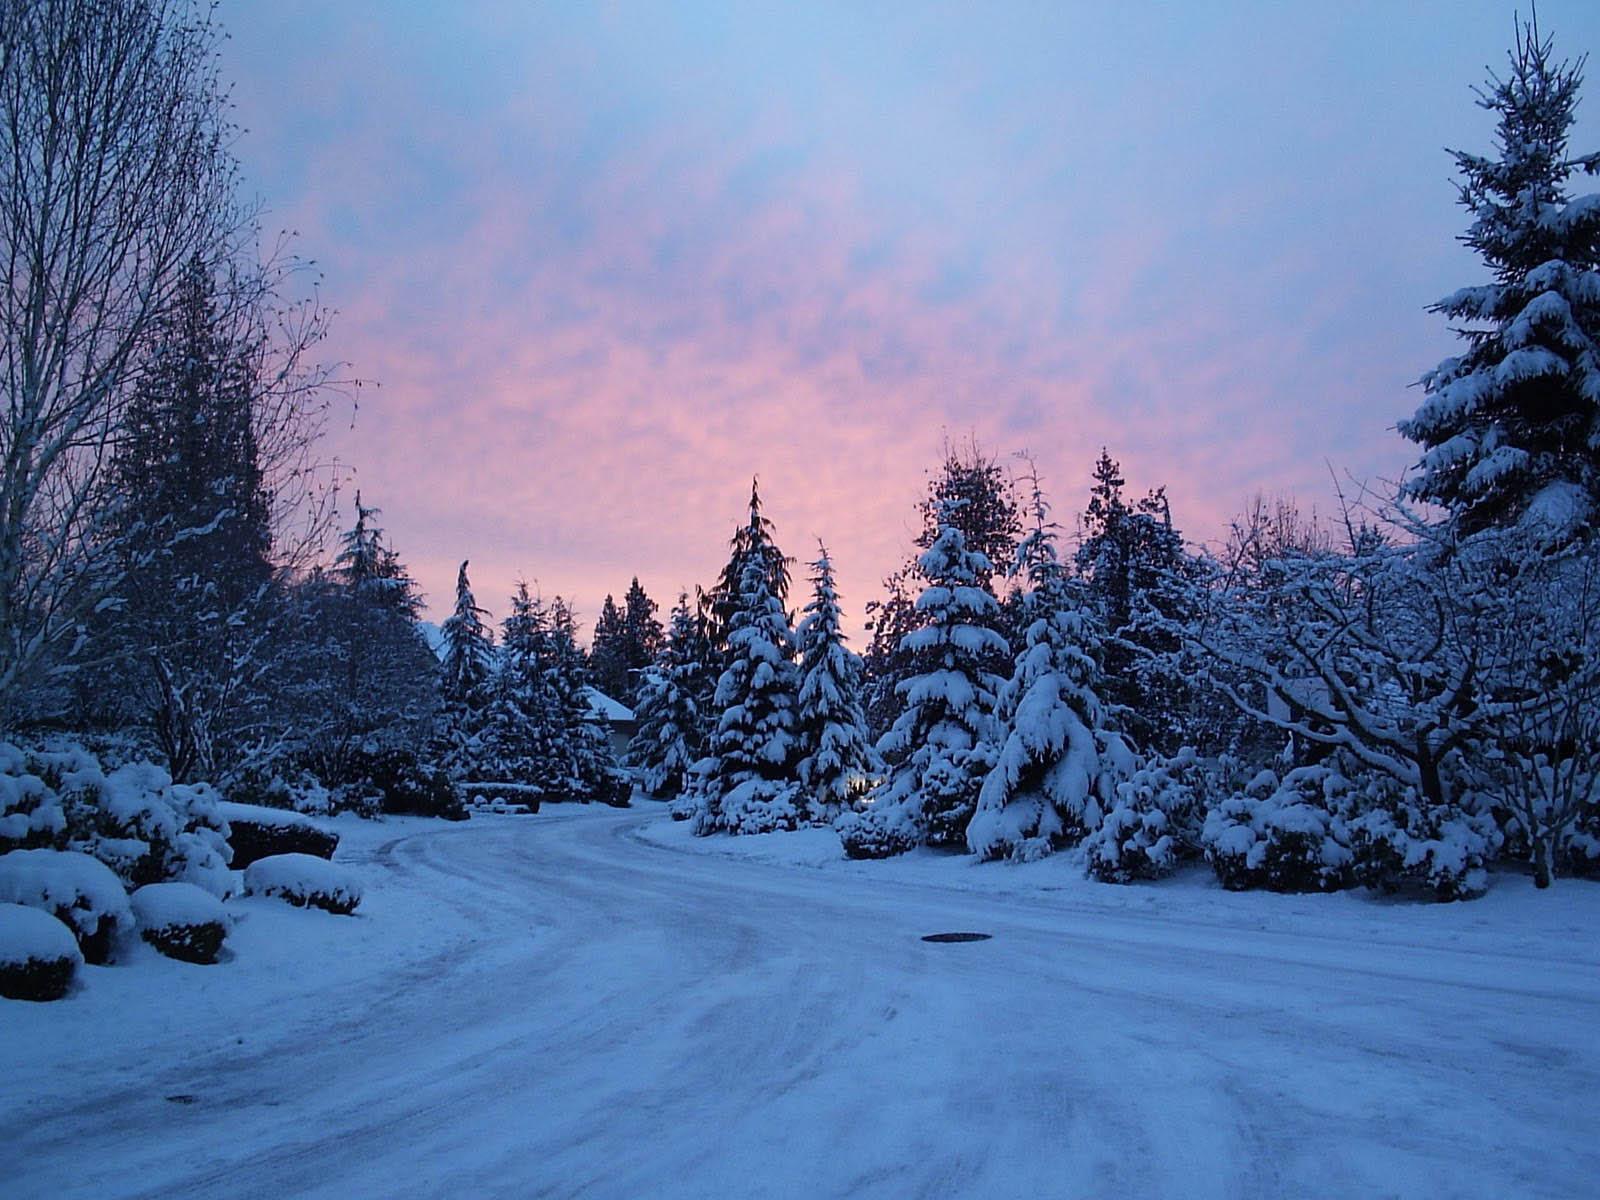 the Winter Backgrounds Winter Wallpapers WinterDesktop Wallpapers 1600x1200